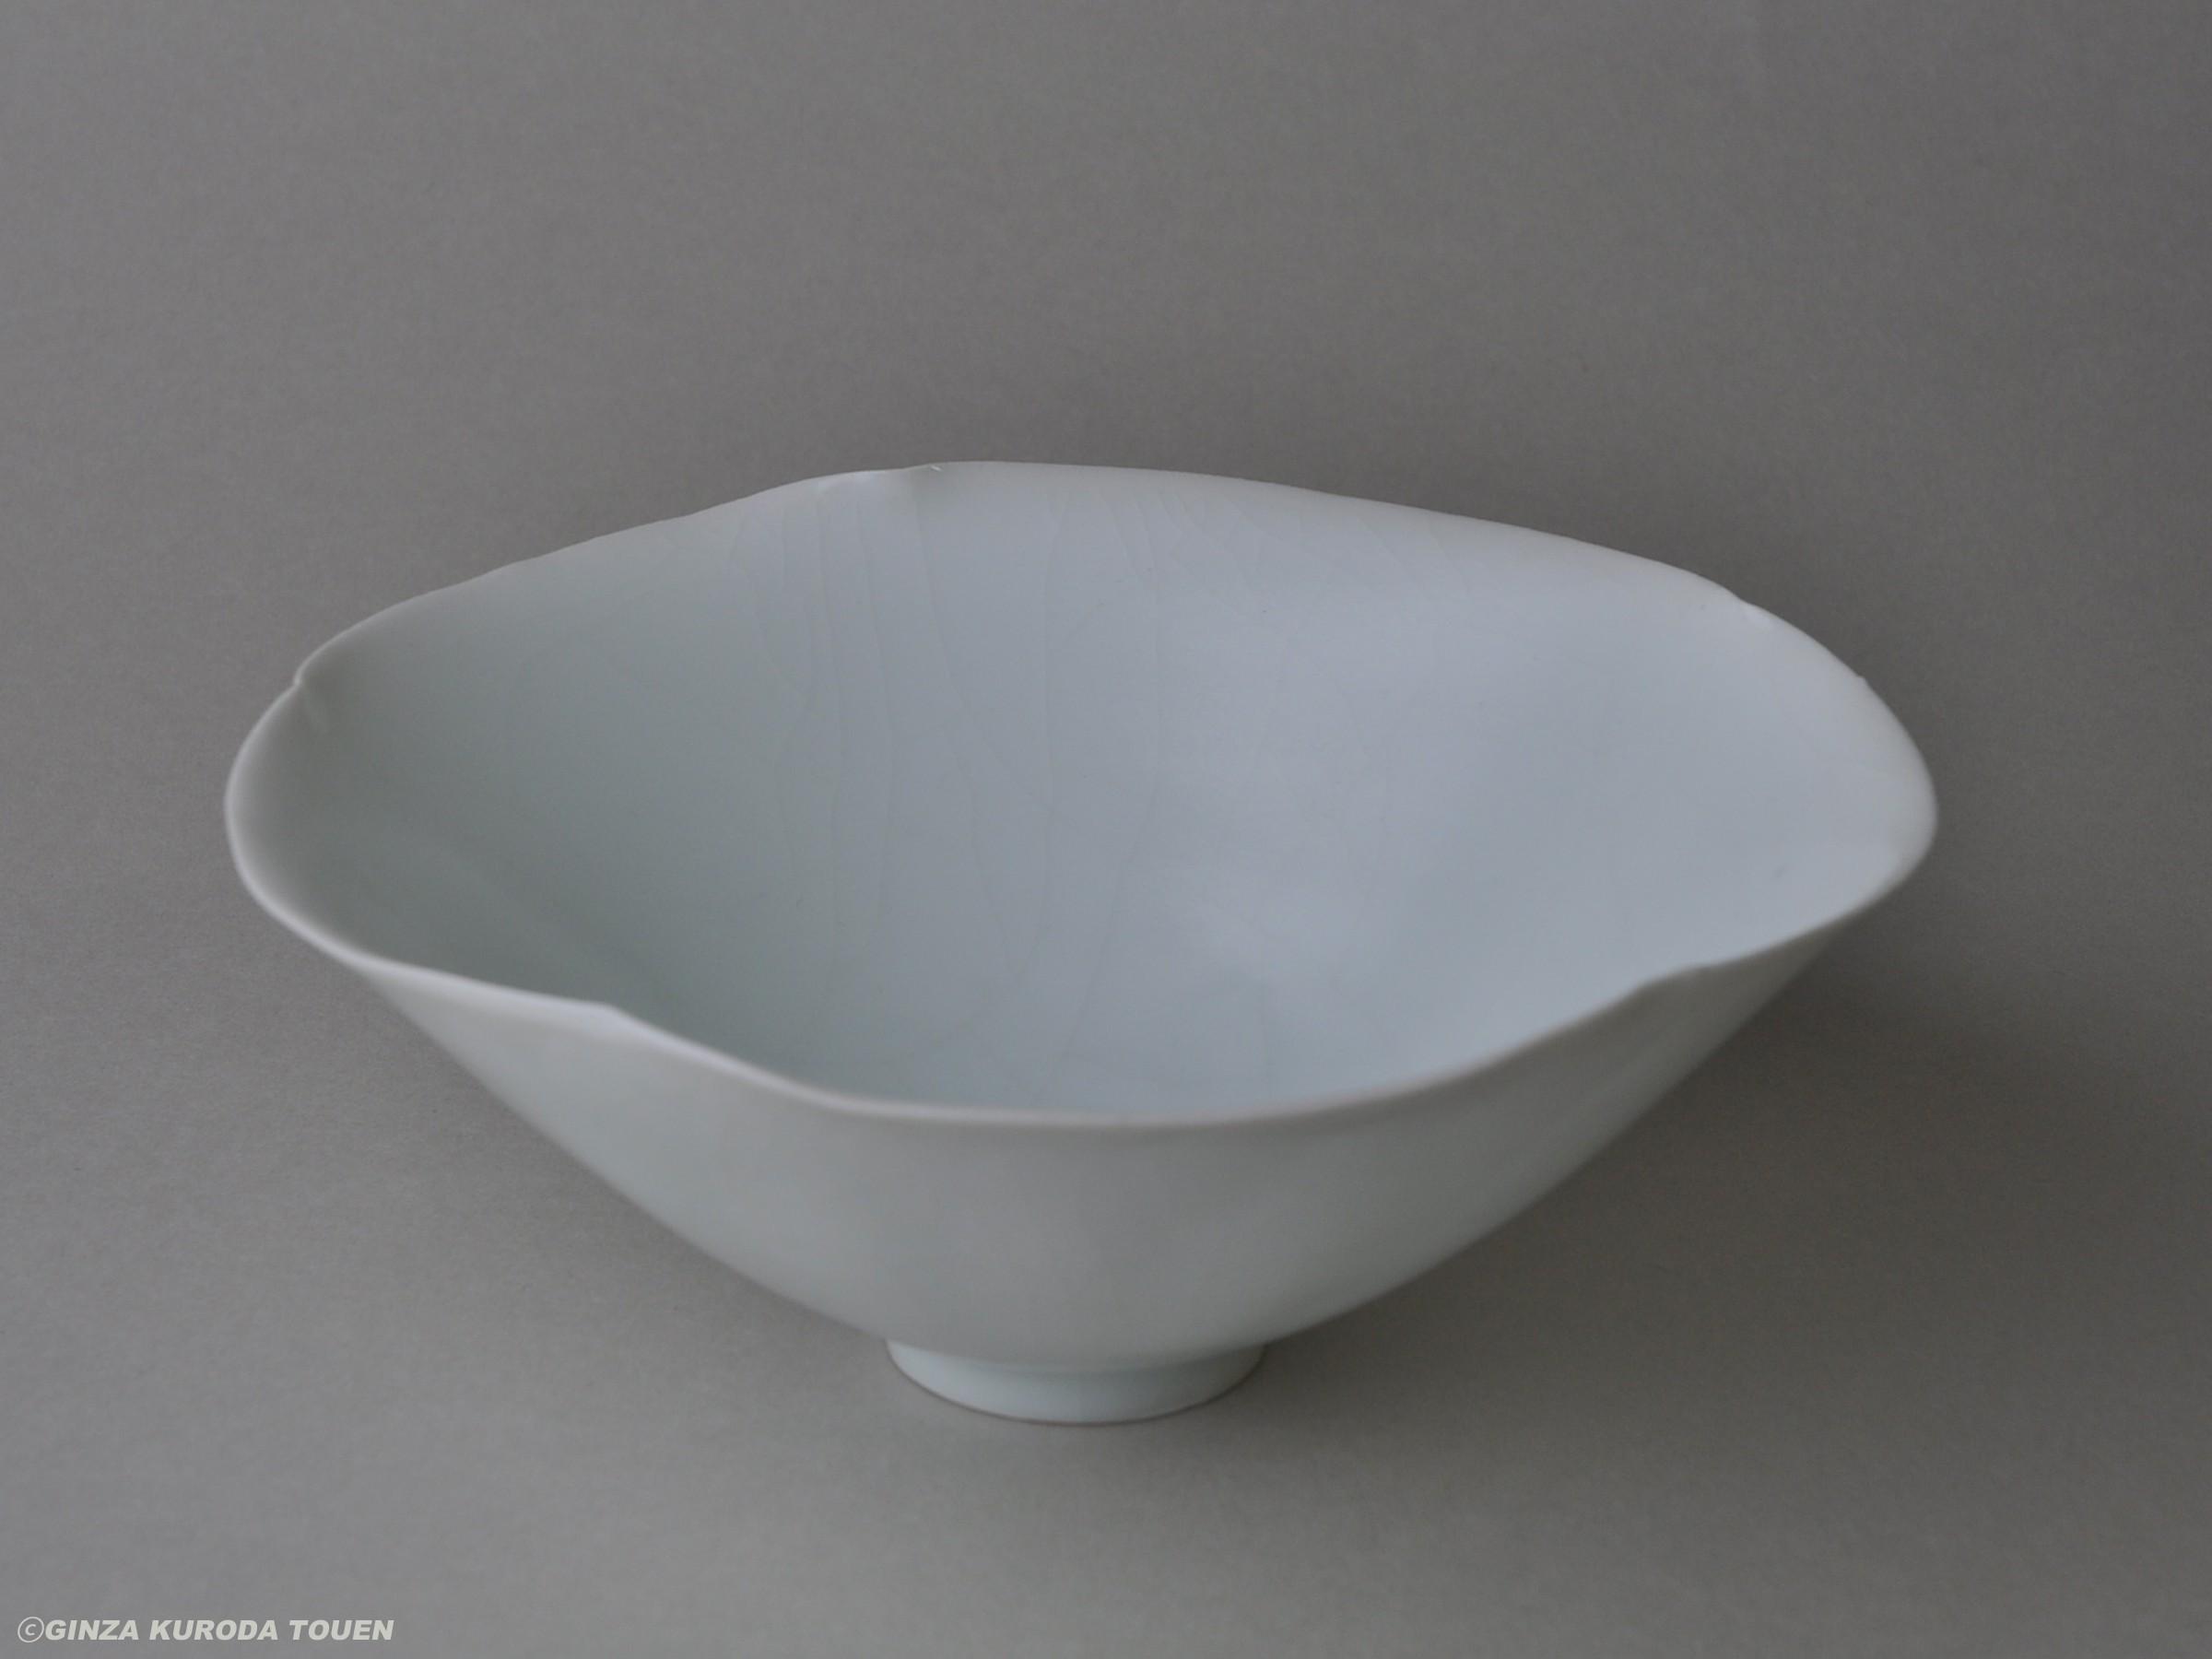 Kaiji Tsukamoto: Bowl, White porcelain